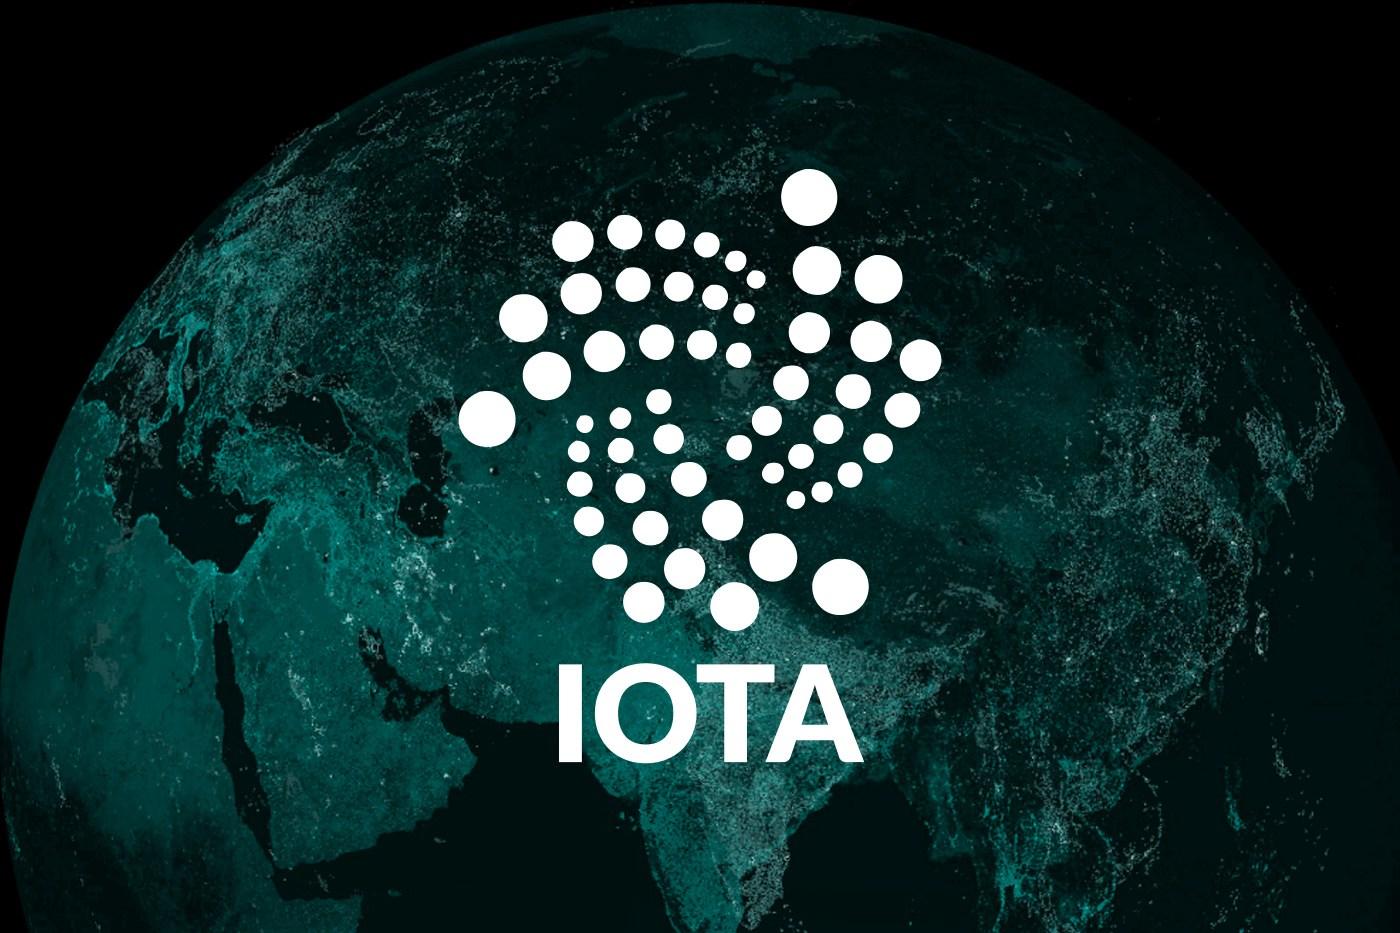 Análisis de precios de Bitcoin, IOTA, Algorand: 30 de junio